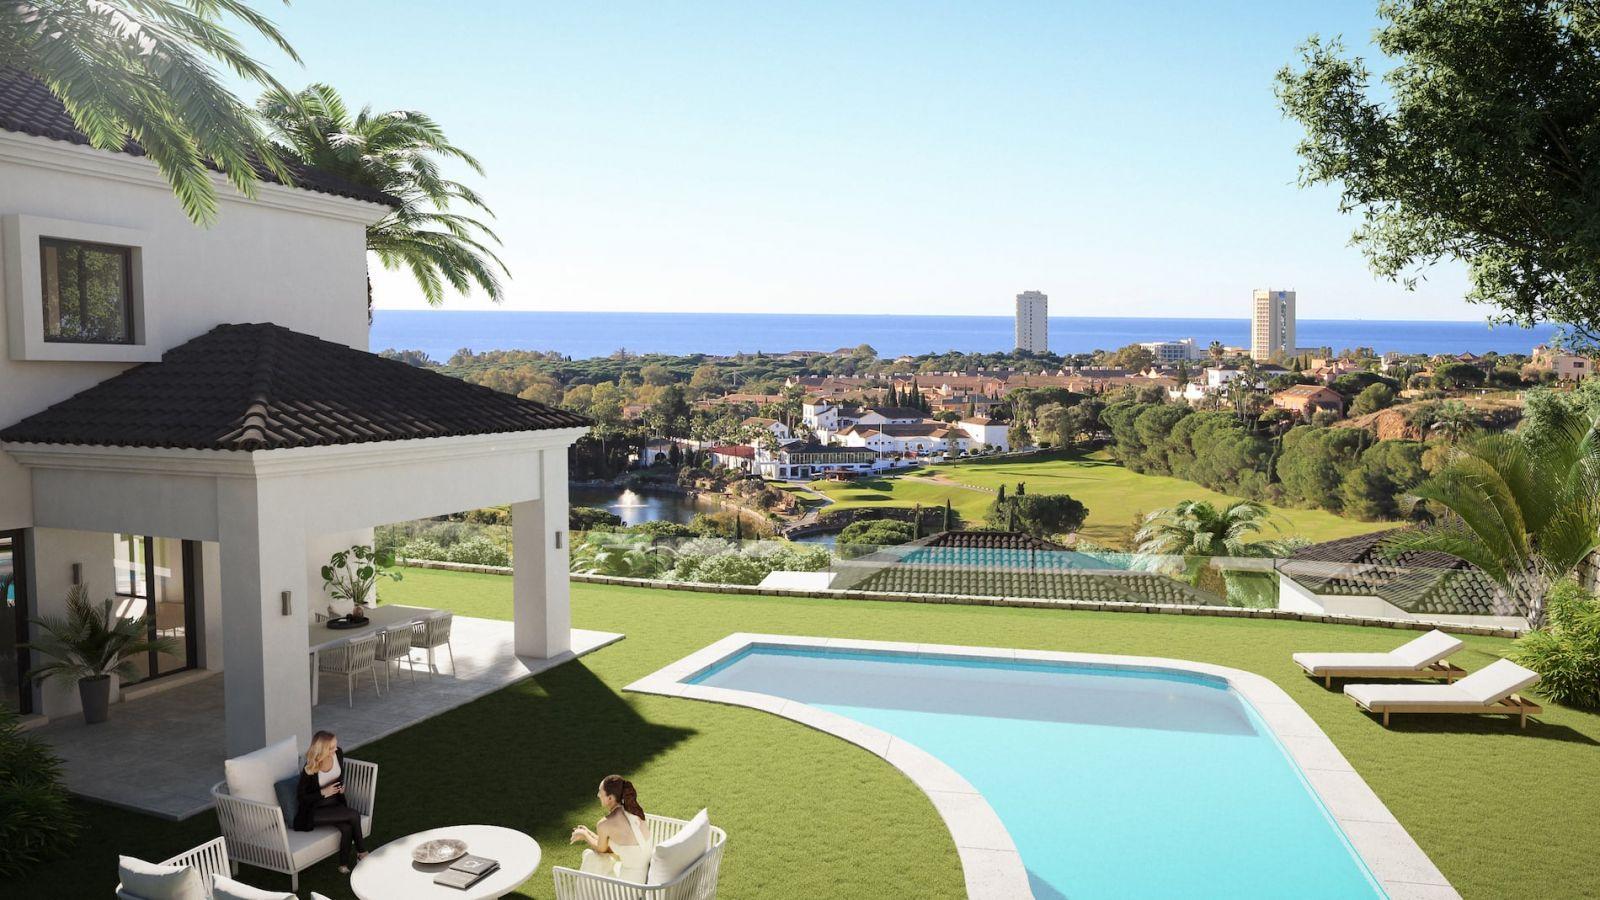 New Heaven Marbella Villas - Elviria - Your Move Spain